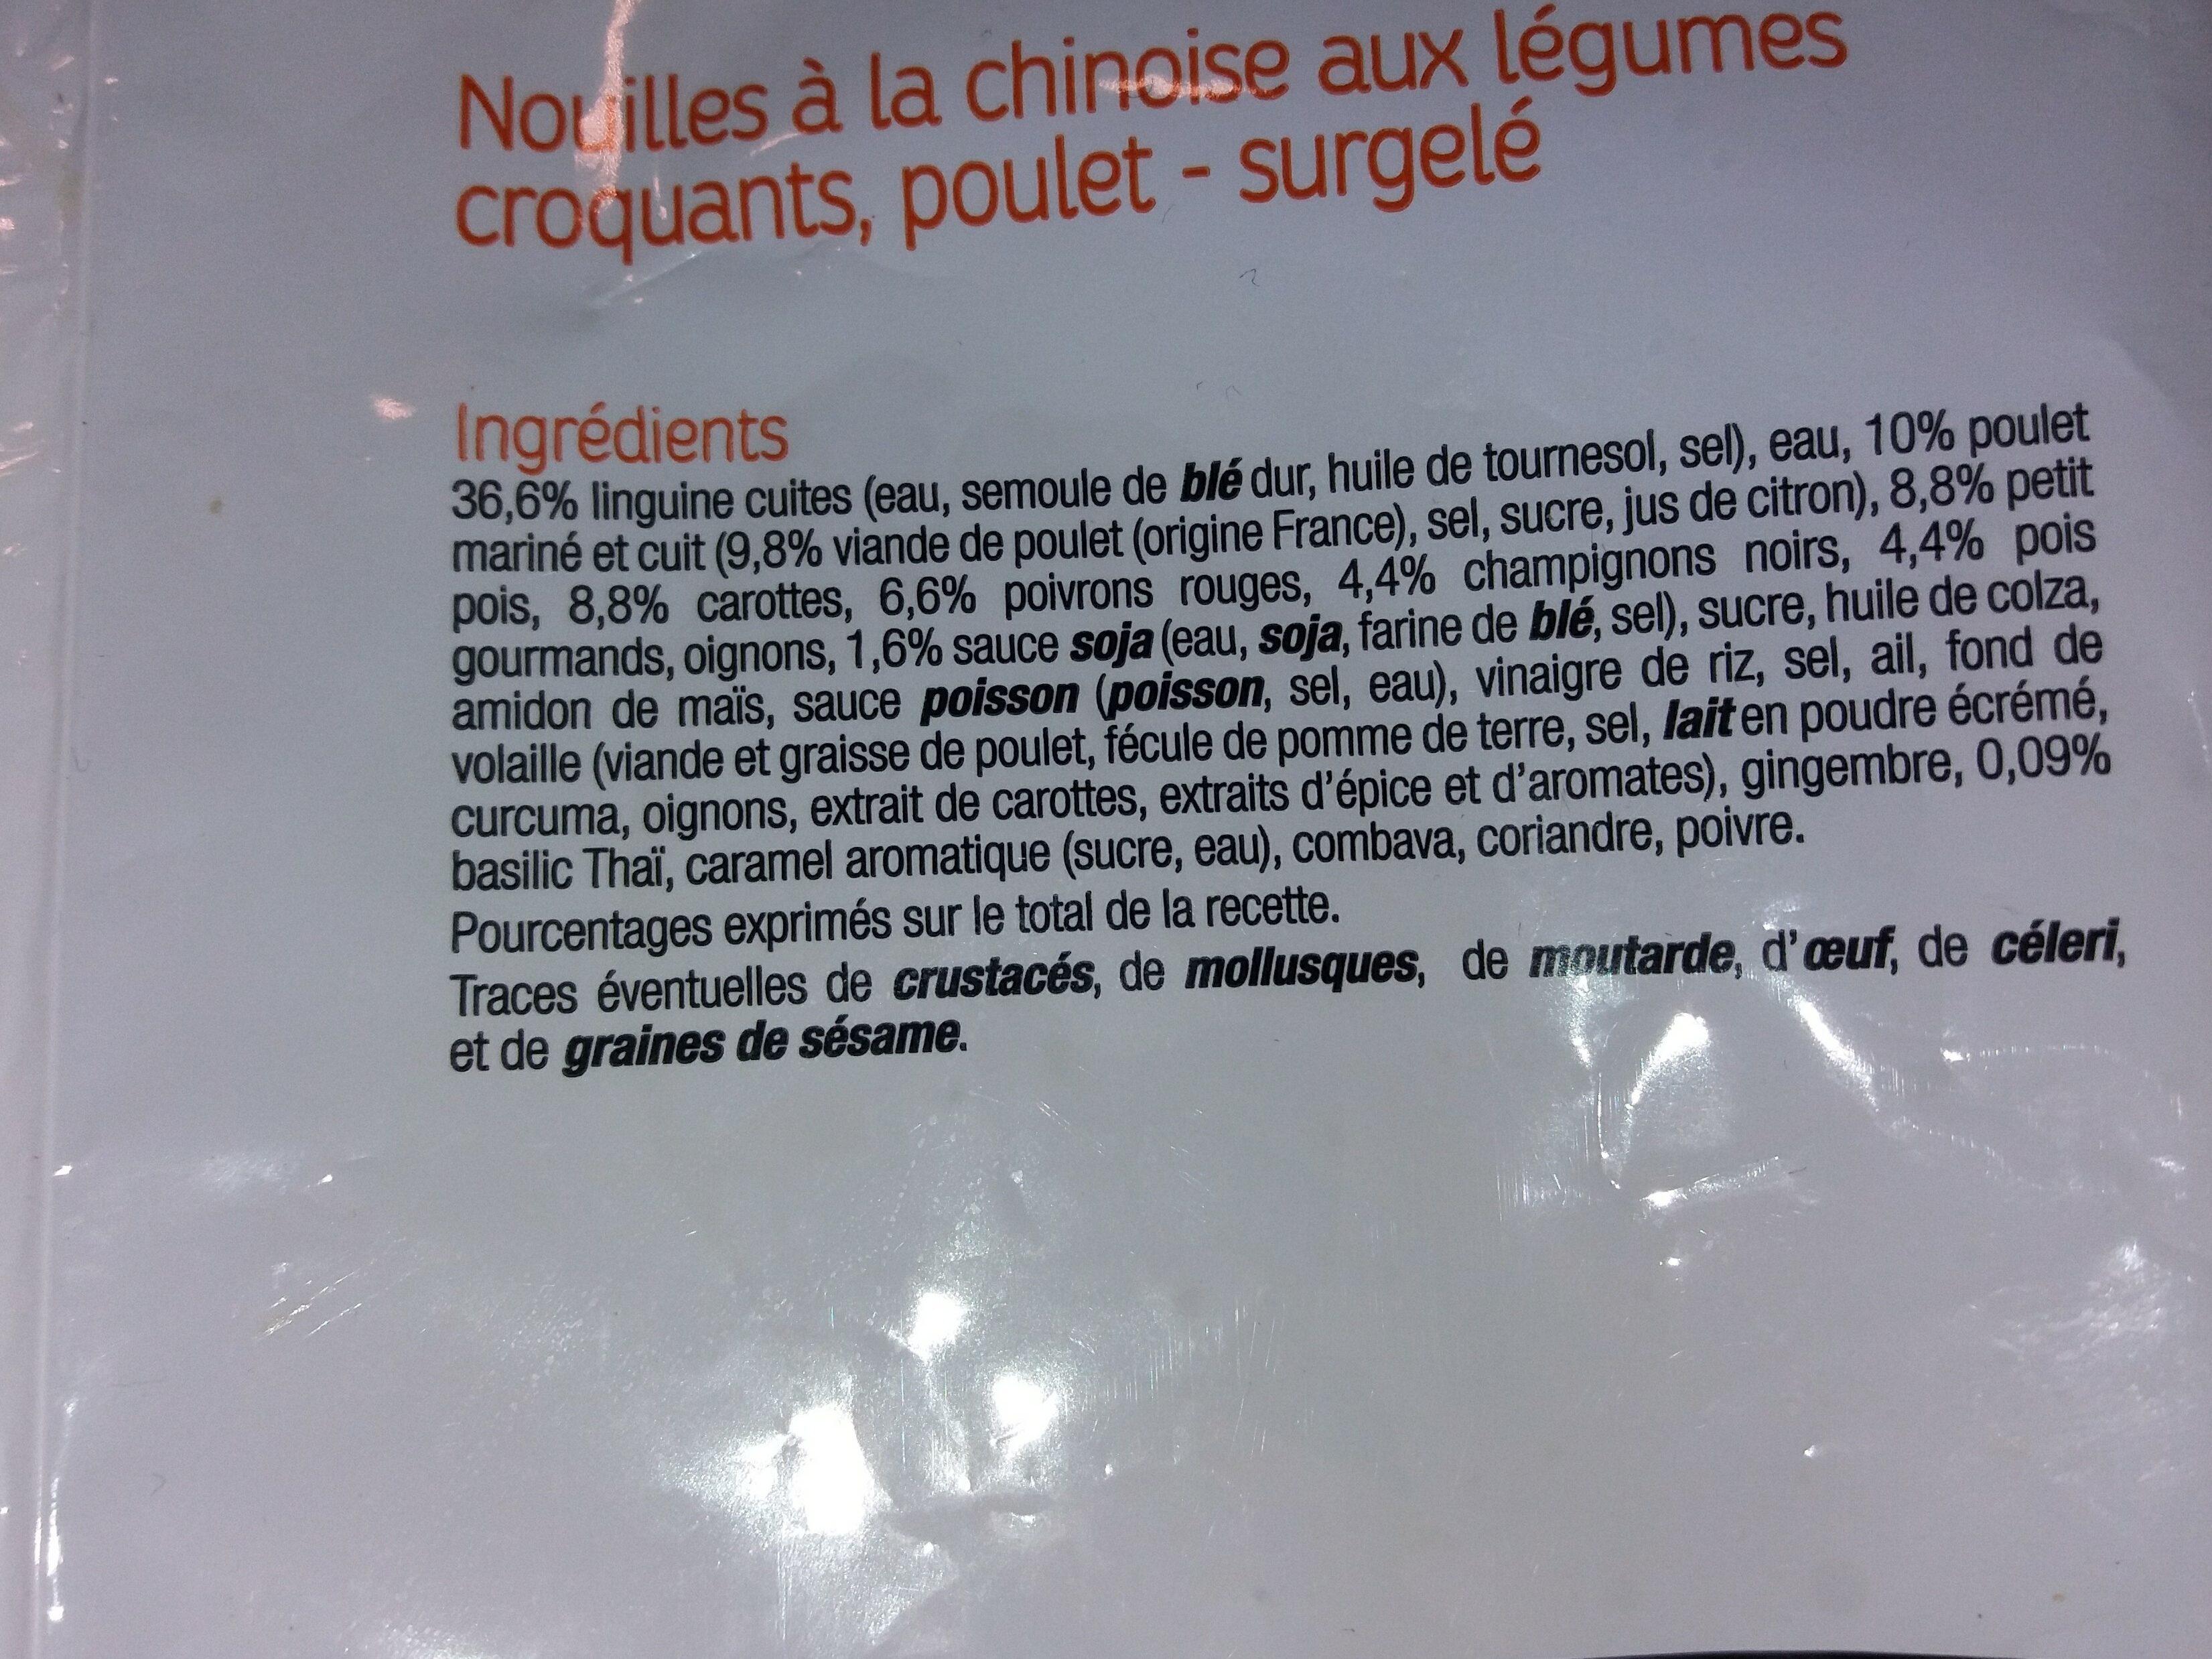 Nouilles à la chinoise, légumes croquants et poulet - Ingrediënten - fr